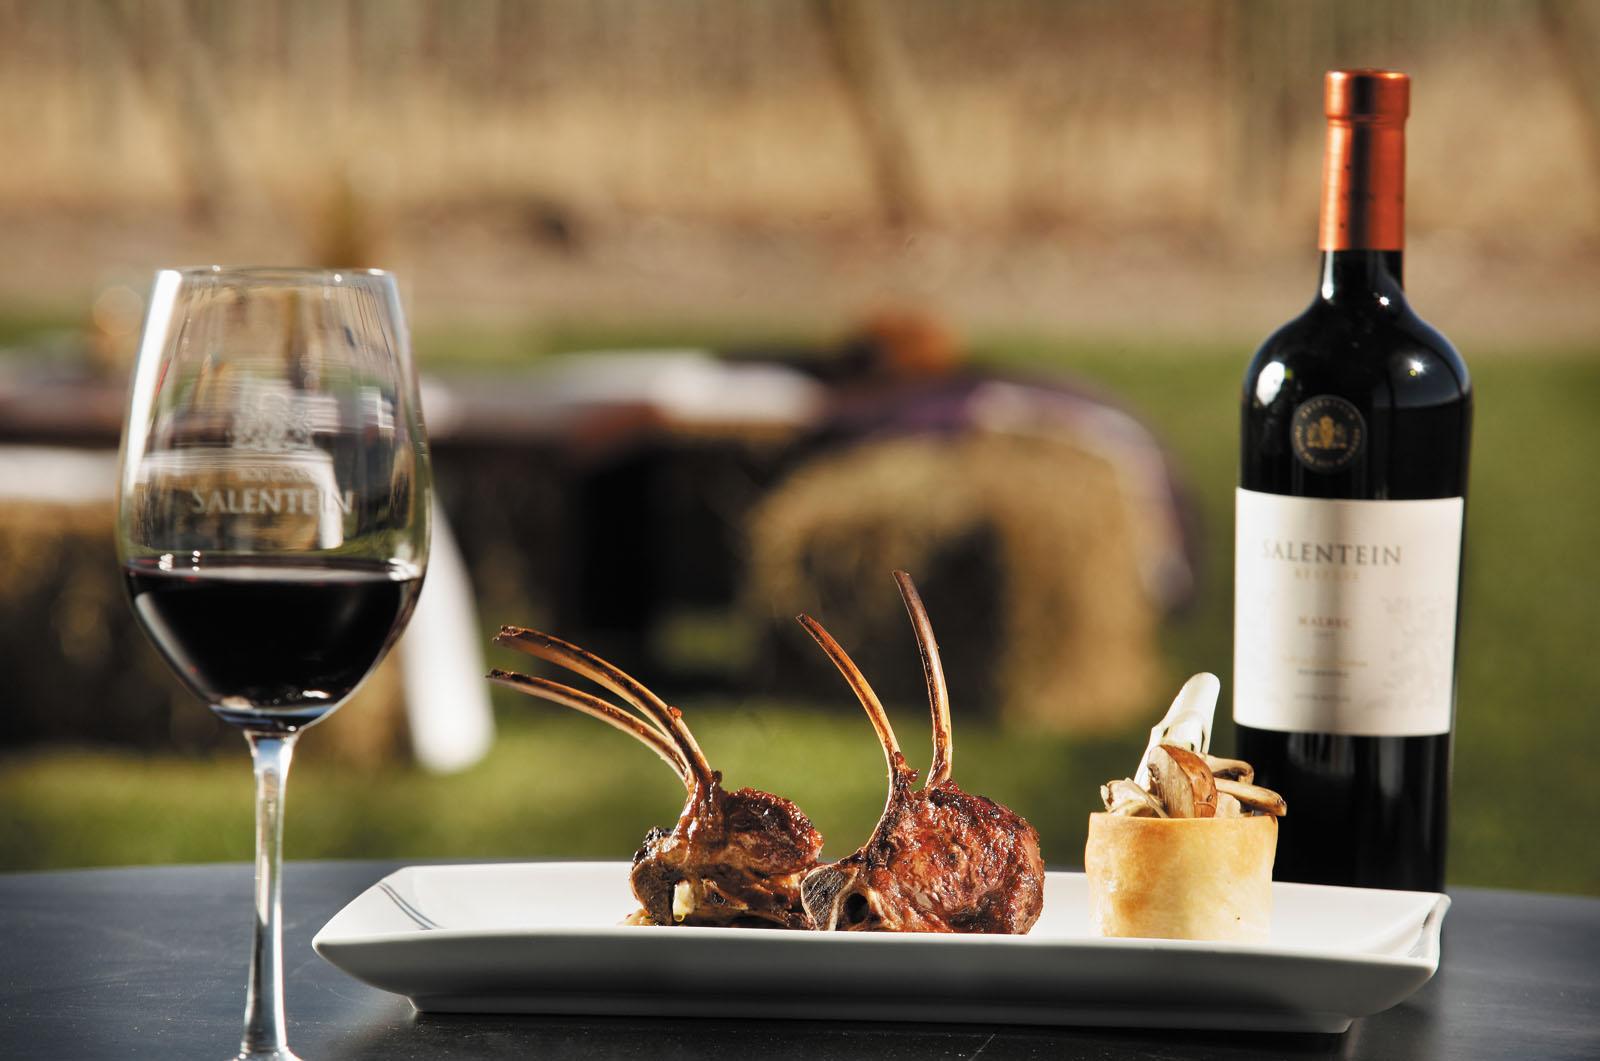 Gastronomia e alojamento - El portal de Mendoza